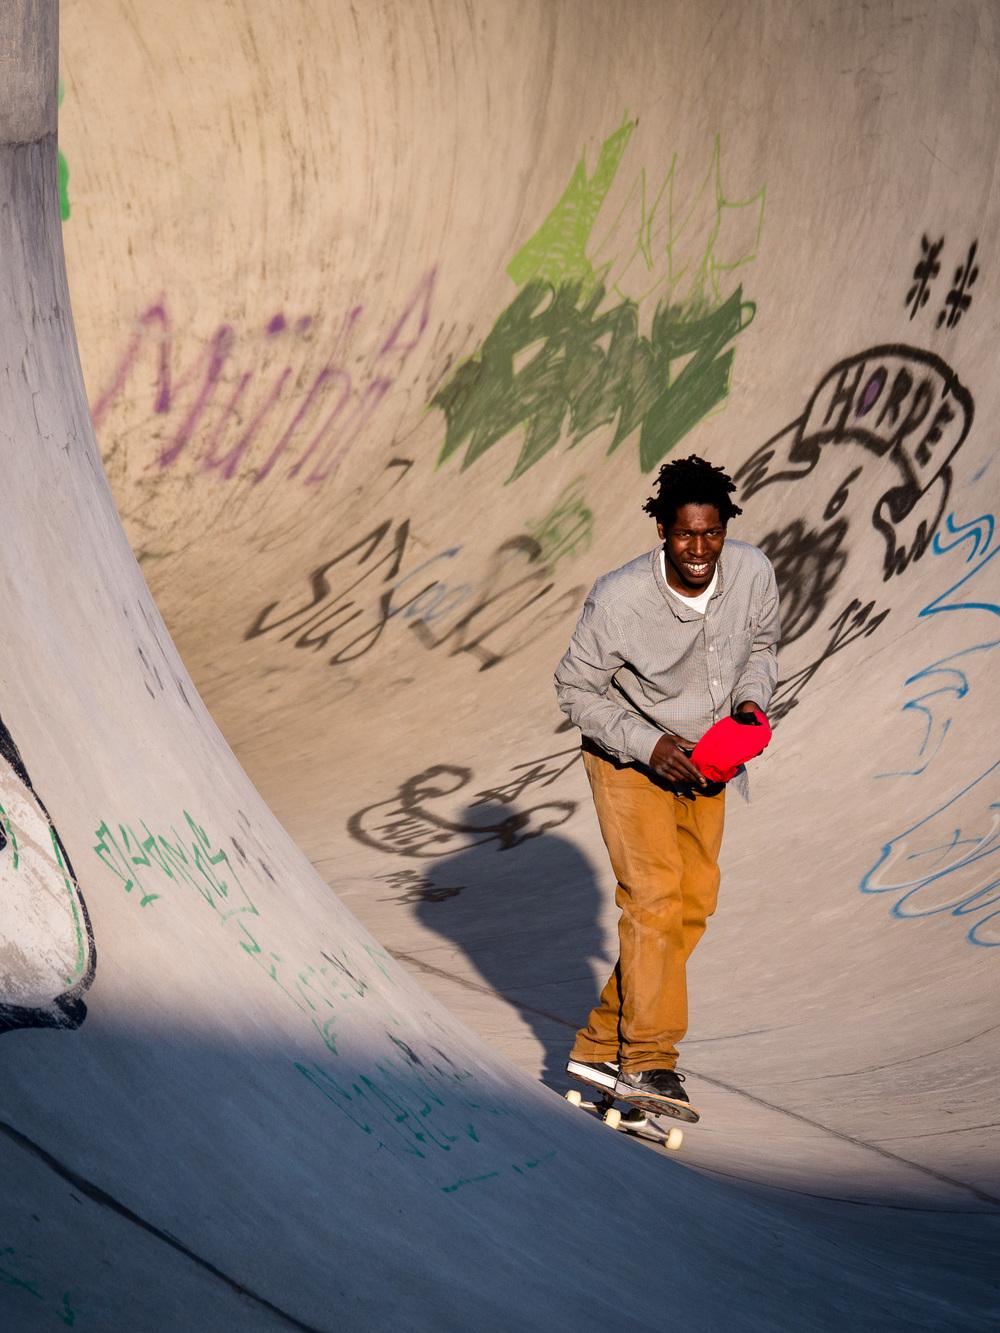 danielkeppler_blackorwhite_skateboard_grant_taylor (4 von 4).jpg